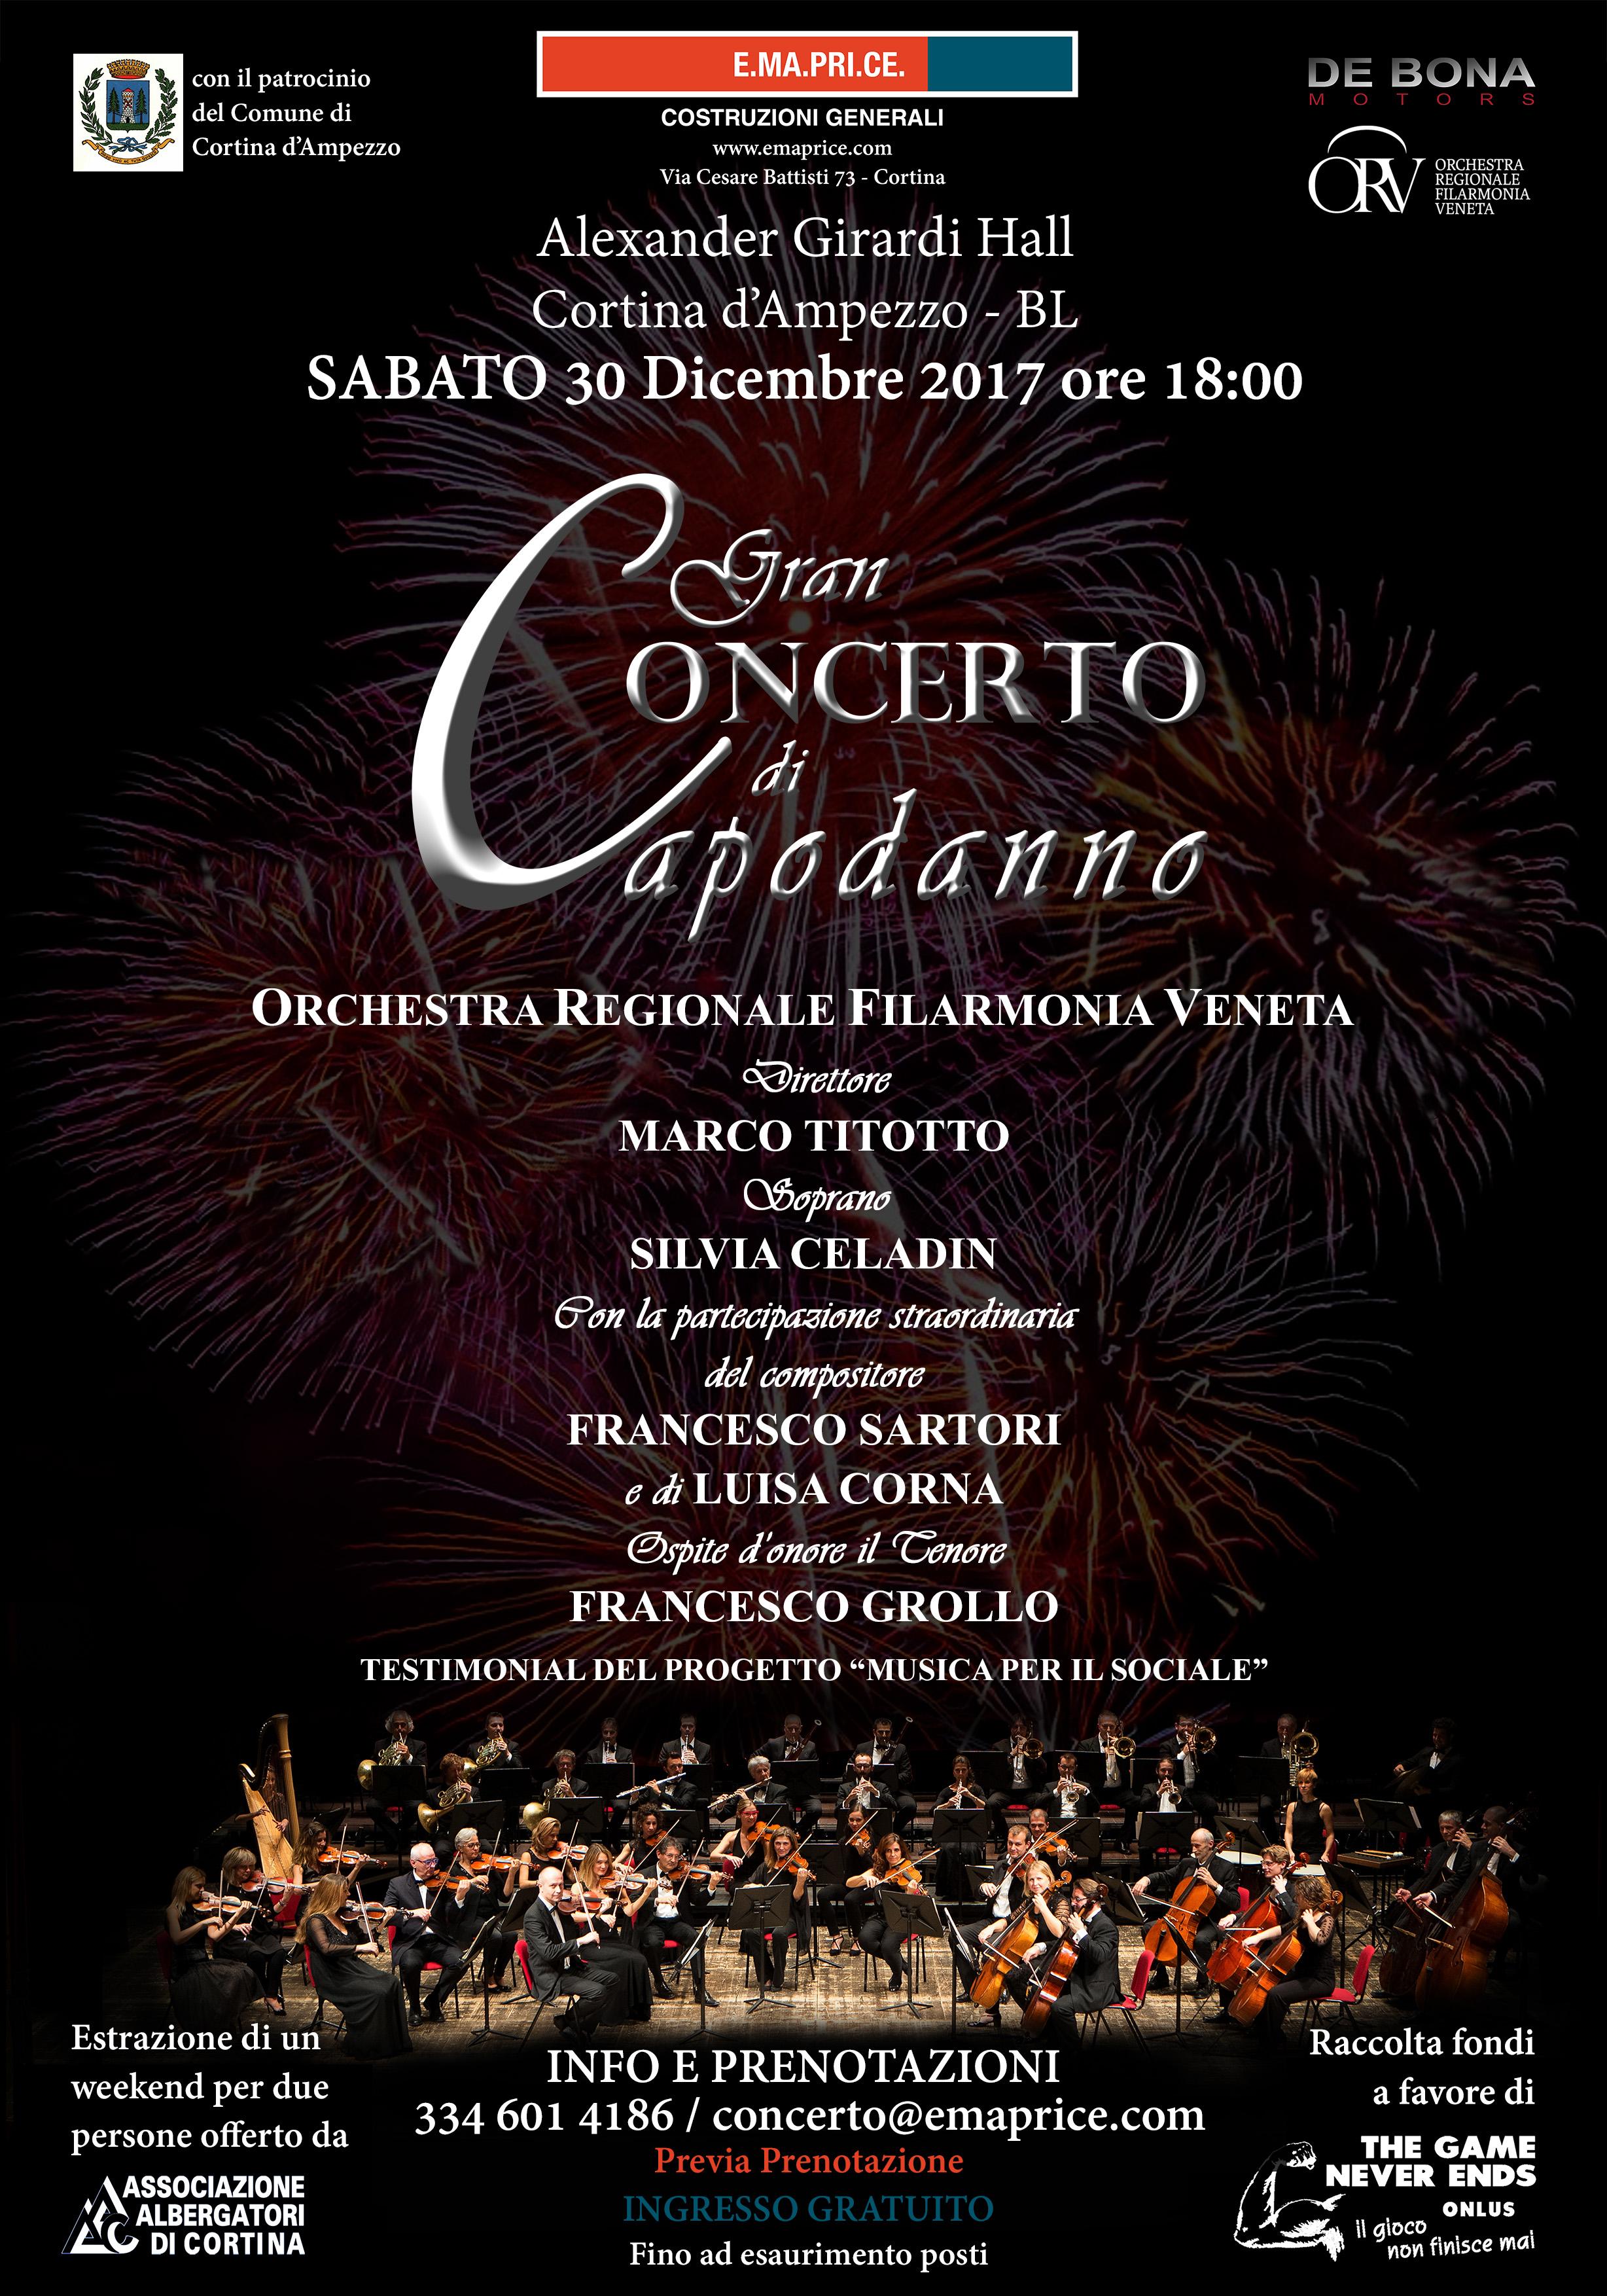 30 dicembre 2017 Concerto a Cortina d'Ampezzo